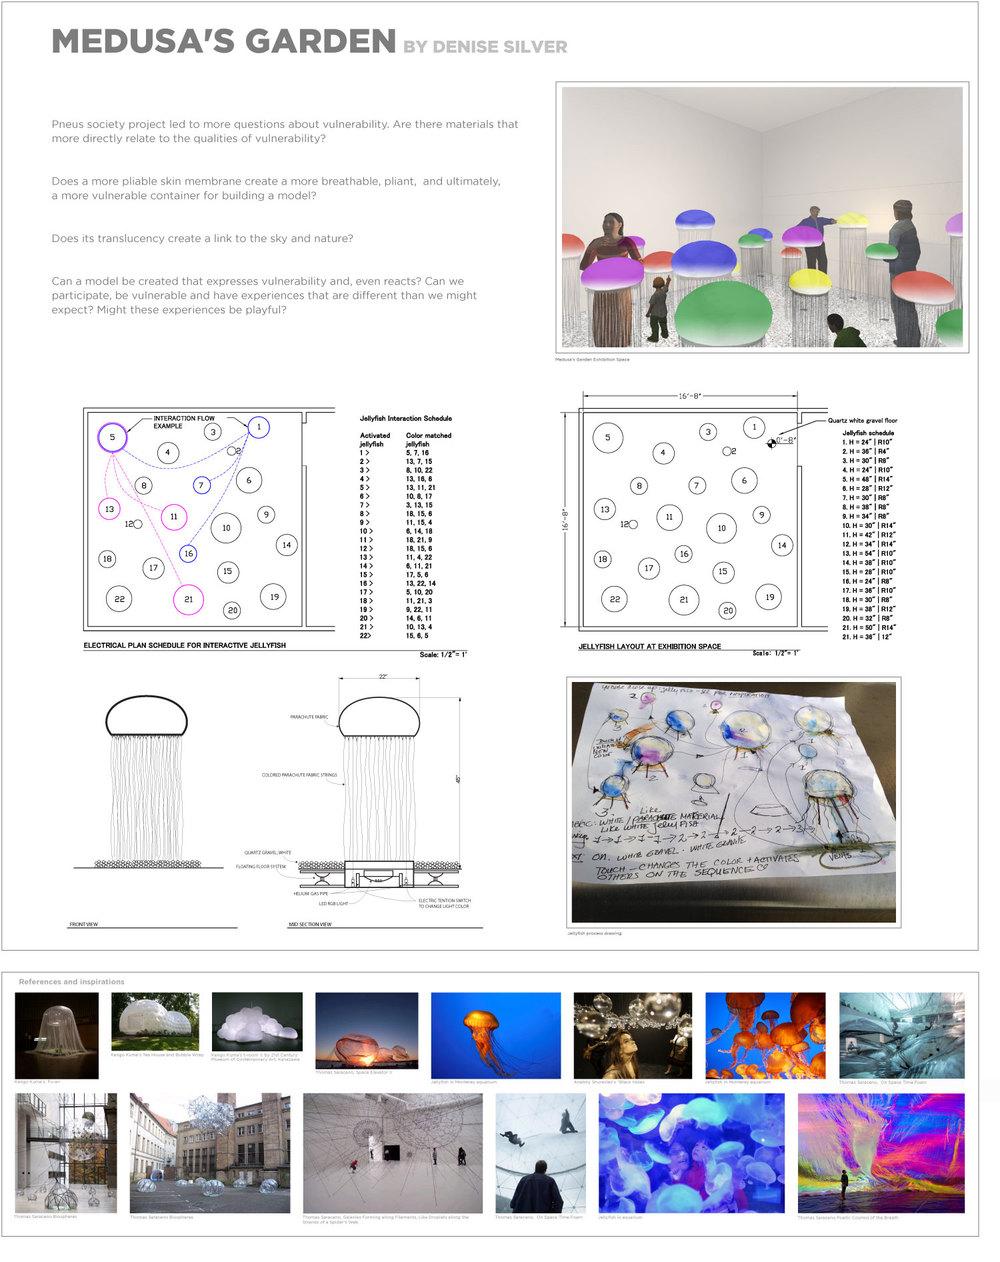 Meduza-Garden-presentation-01.jpg